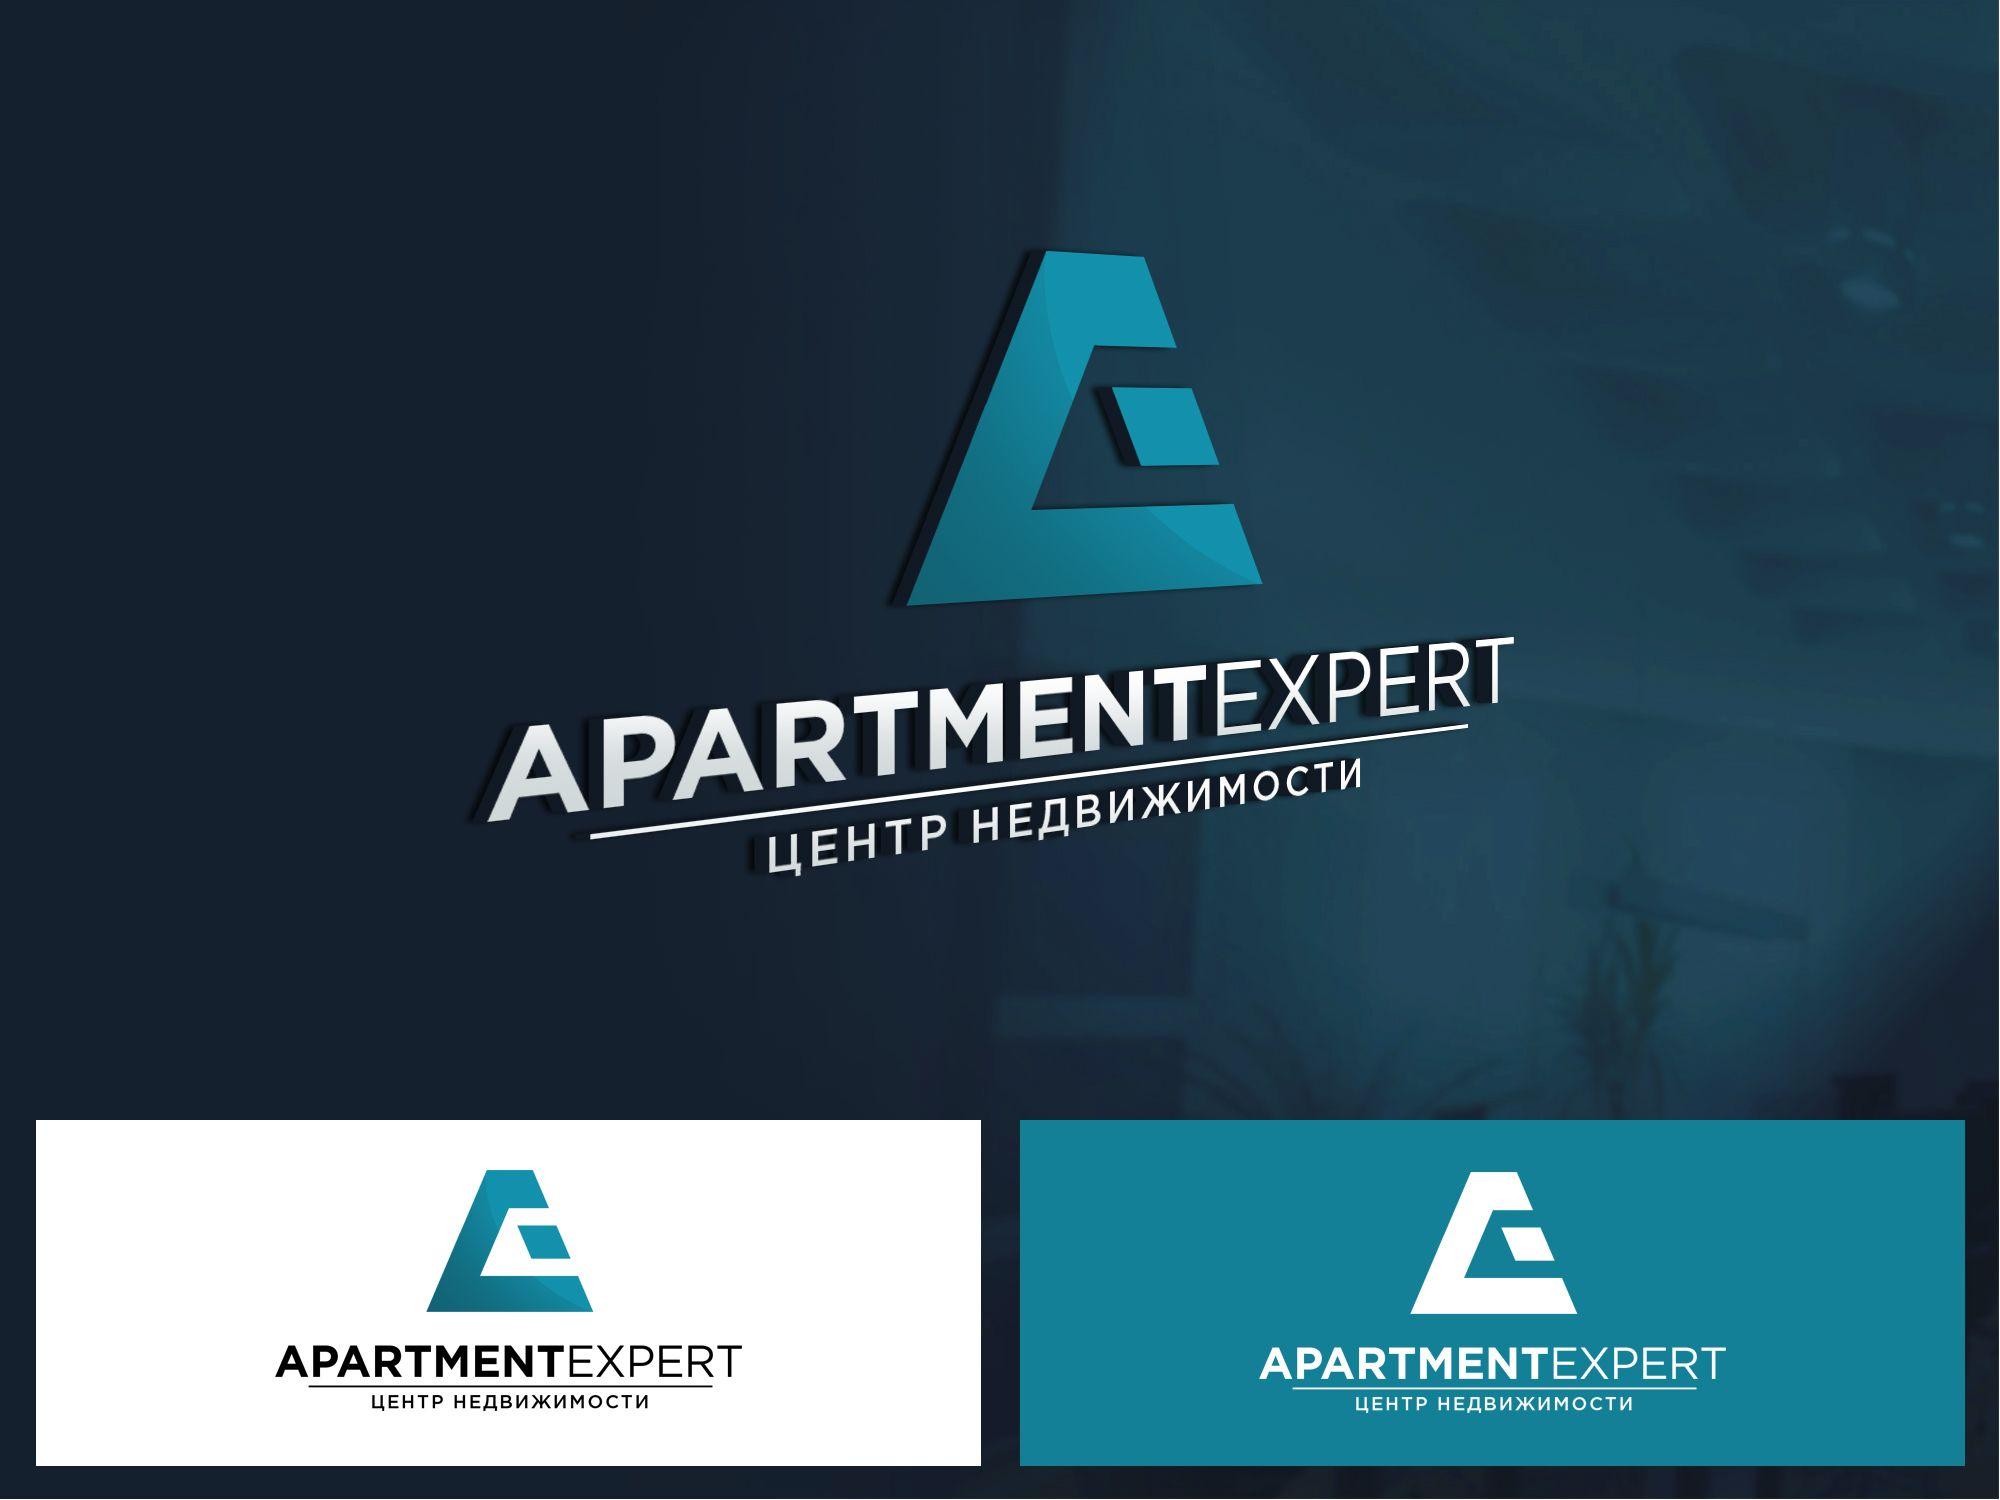 Логотип для APARTMENT EXPERT - ЦЕНТР НЕДВИЖИМОСТИ - дизайнер webgrafika